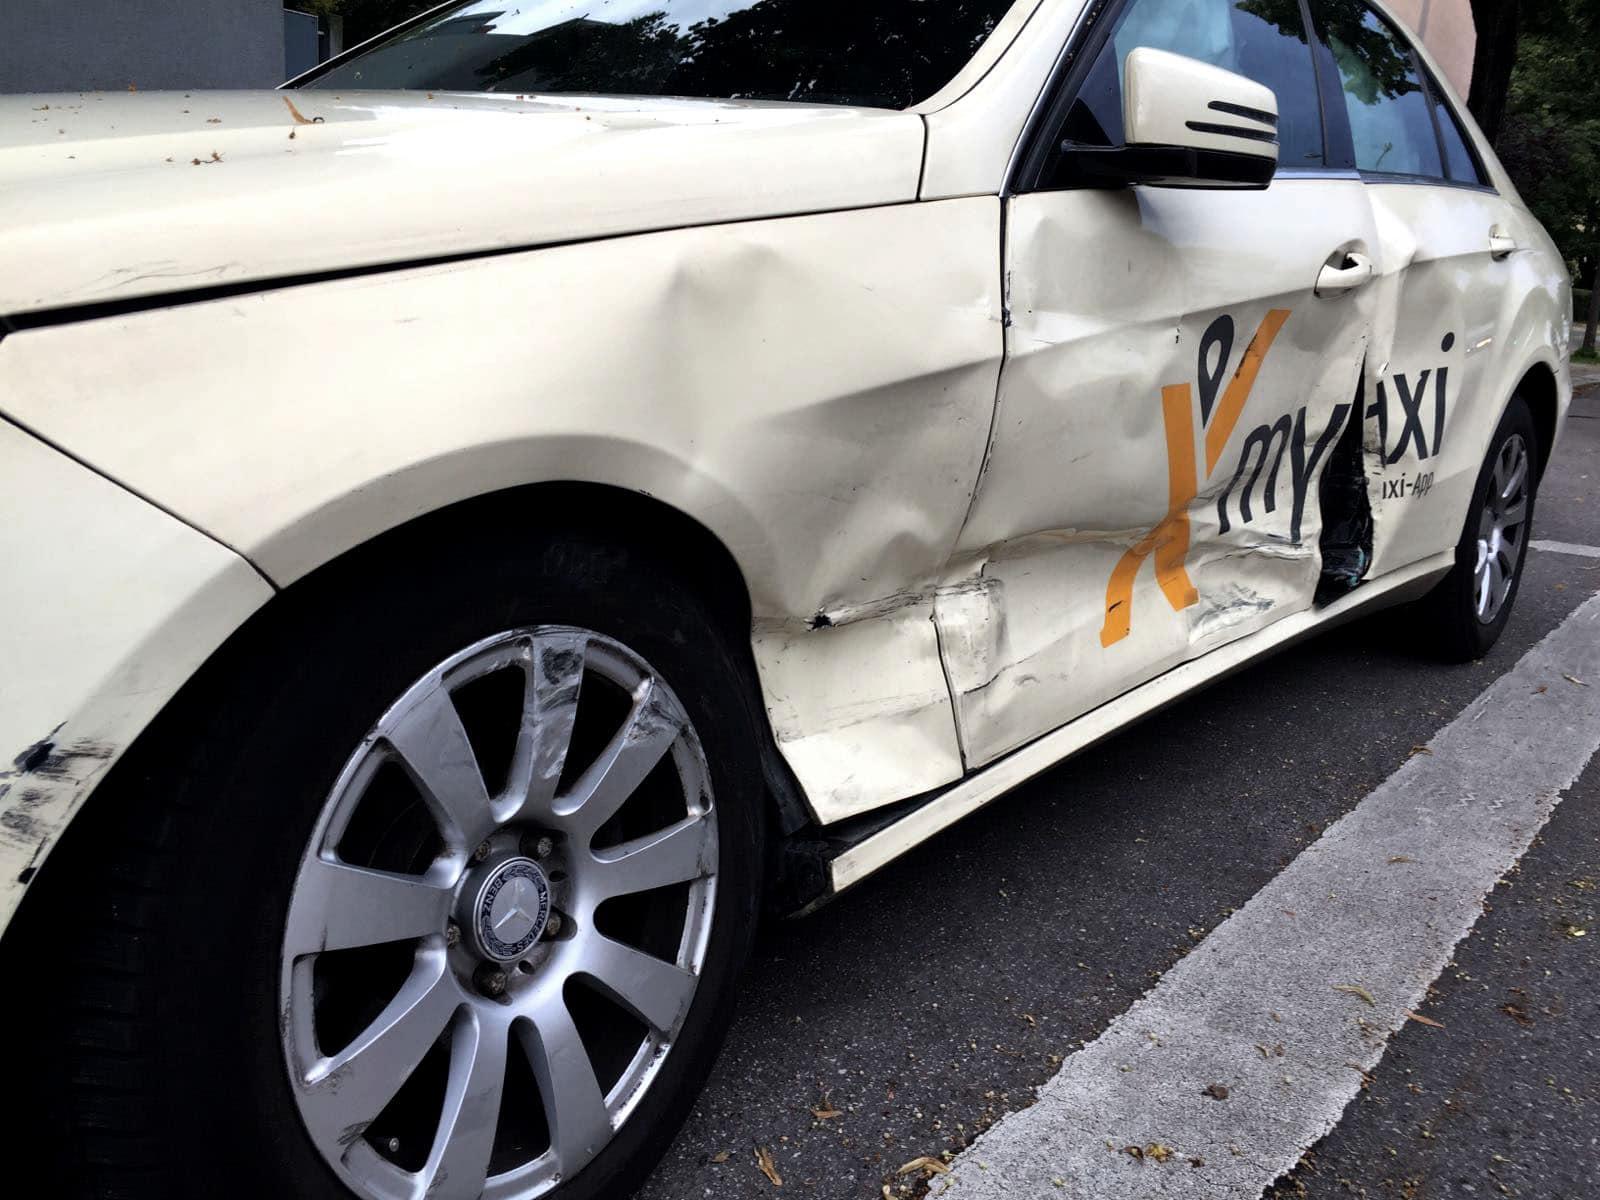 Von Verkehrsunfall beschädigtes Taxi